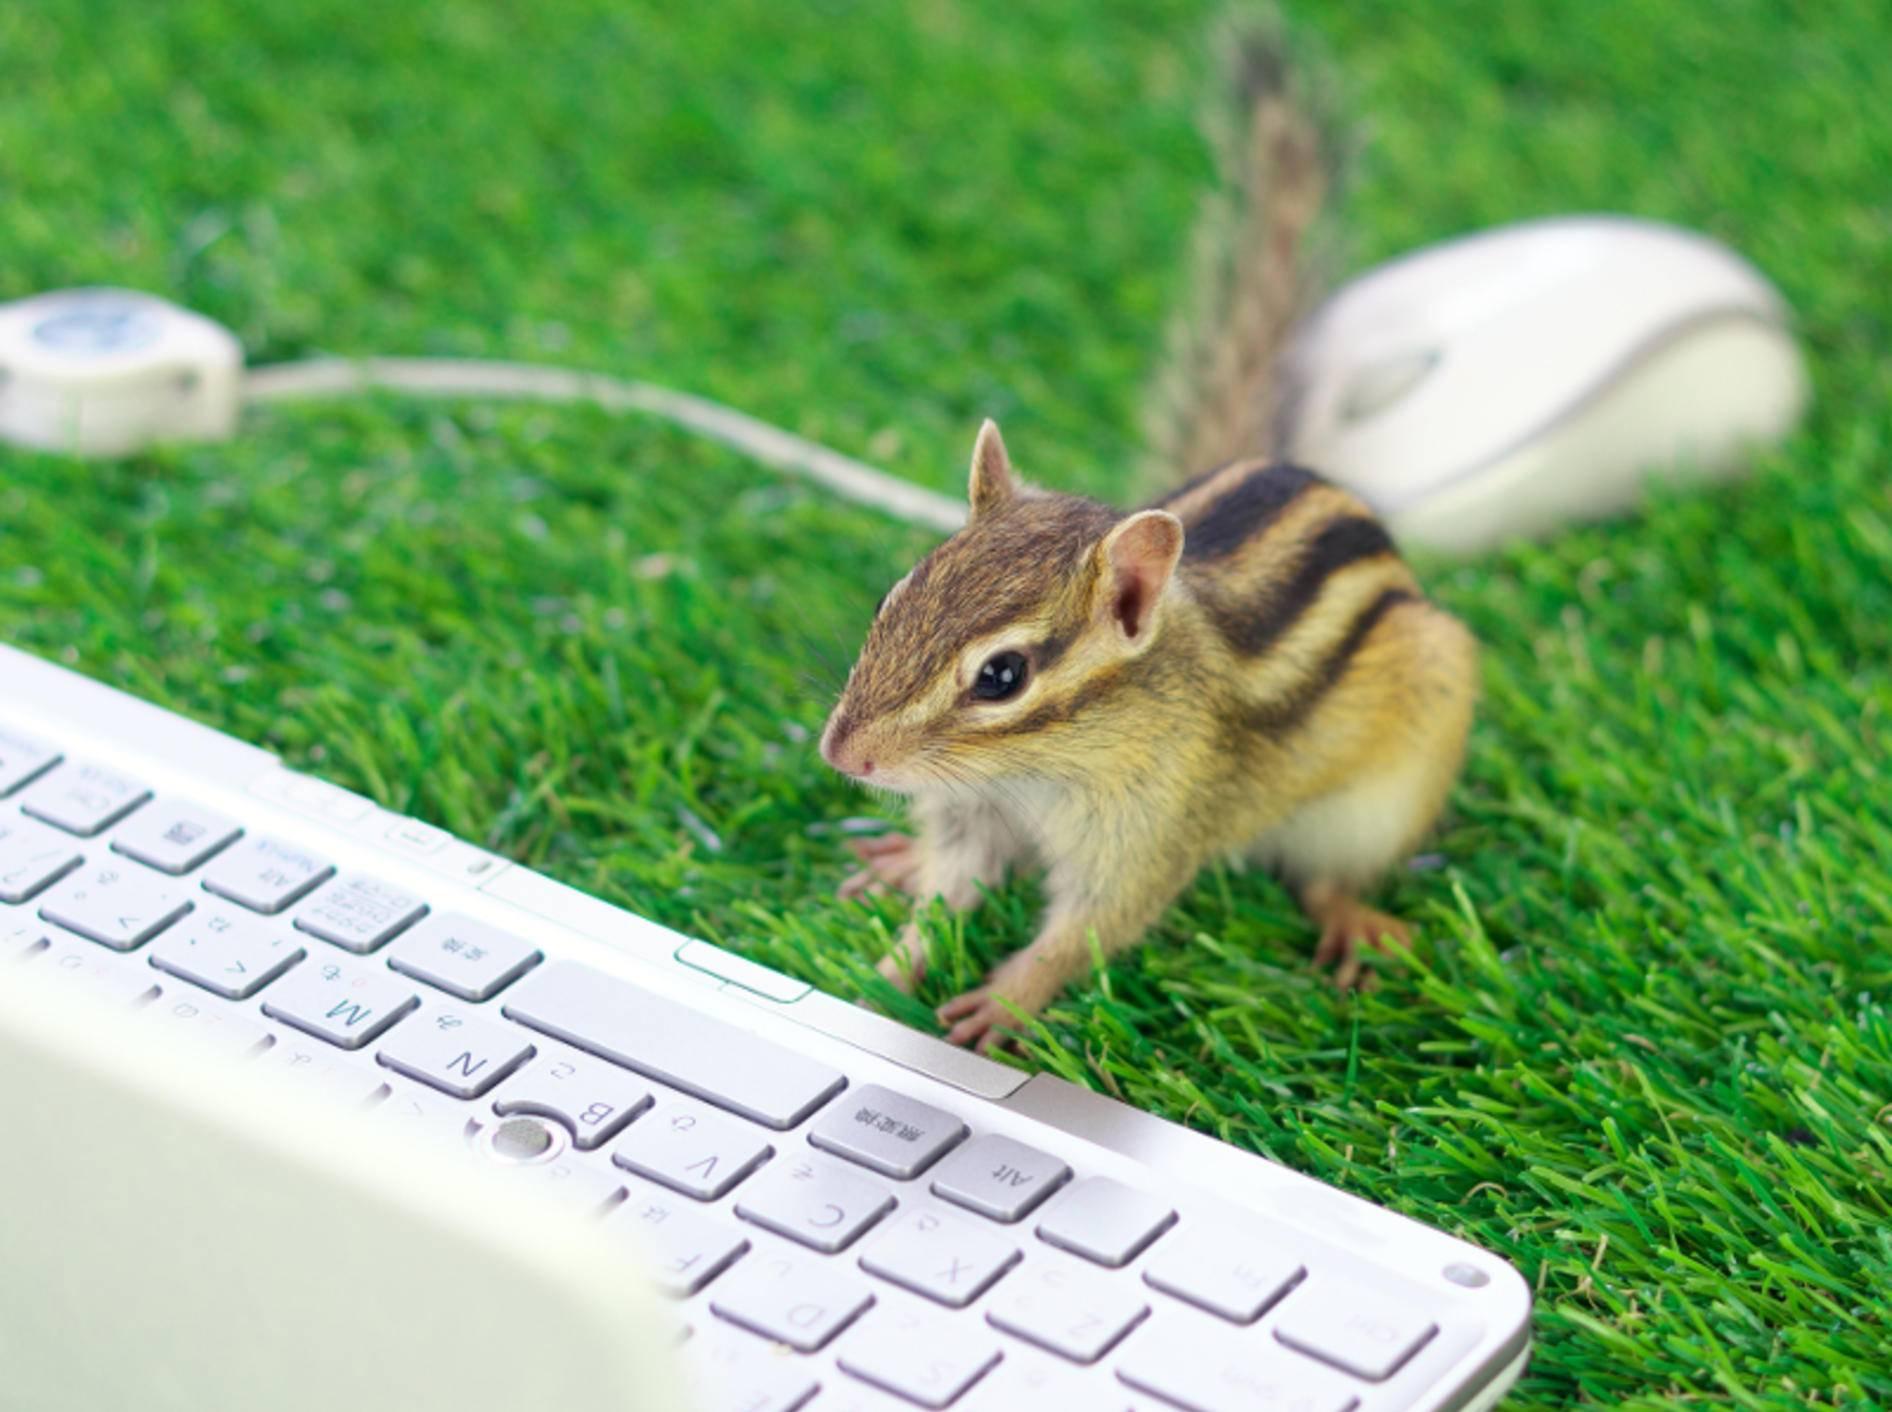 """""""Ach wie toll, jetzt kann ich Nüsse und andere Köstlichkeiten einfach im Internet bestellen!"""" – Bild: Shutterstock / stock_shot"""